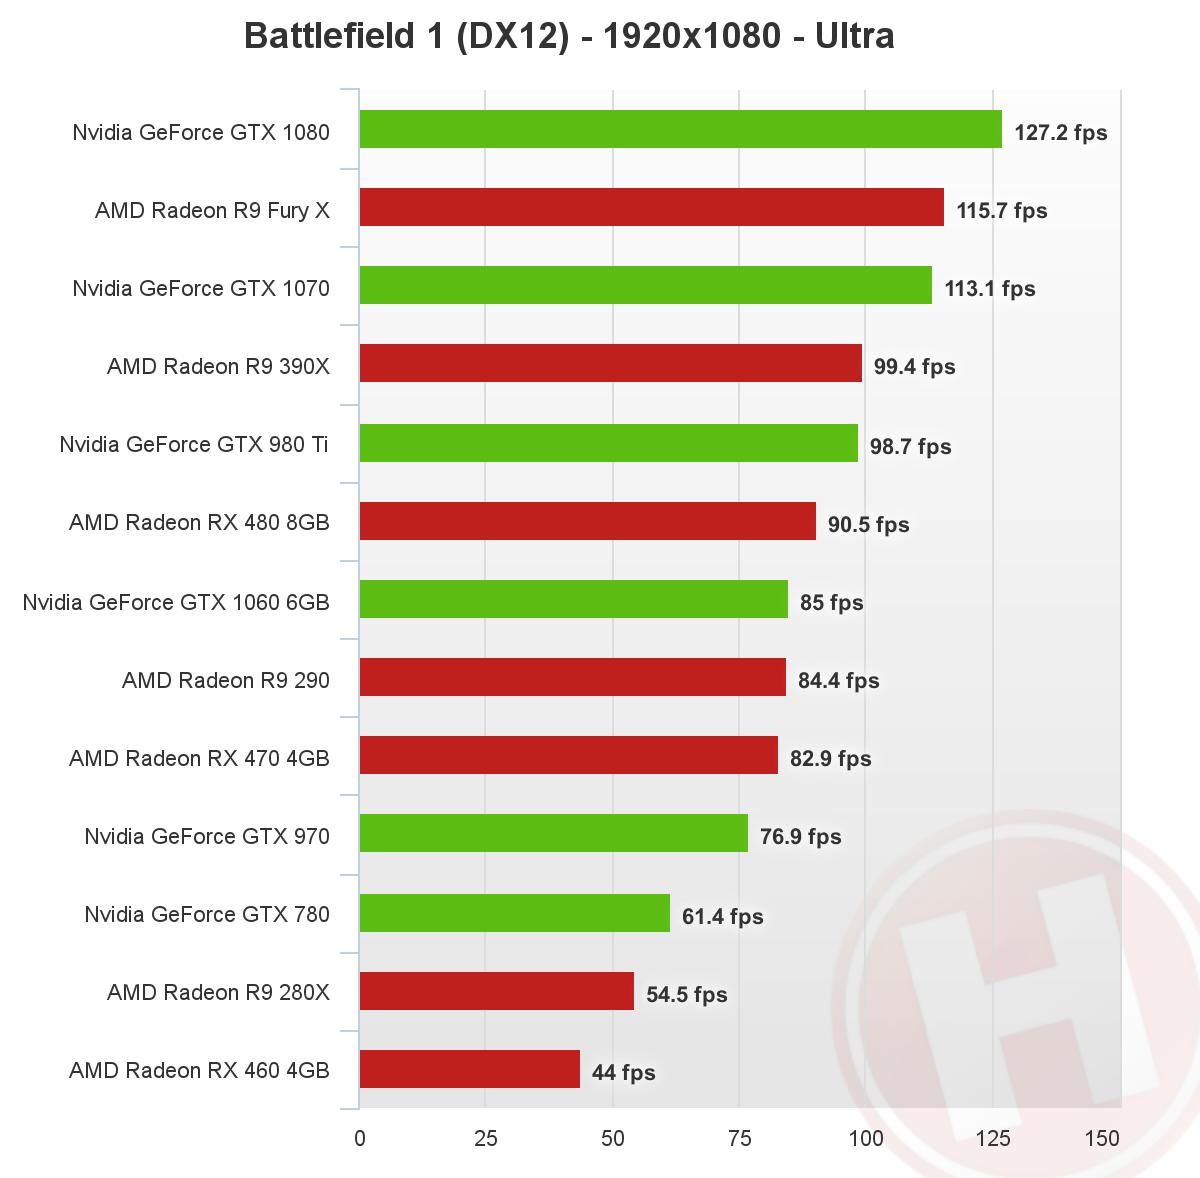 Battlefield 1 DirectX 12 Benchmarks Reveal AMD's Best